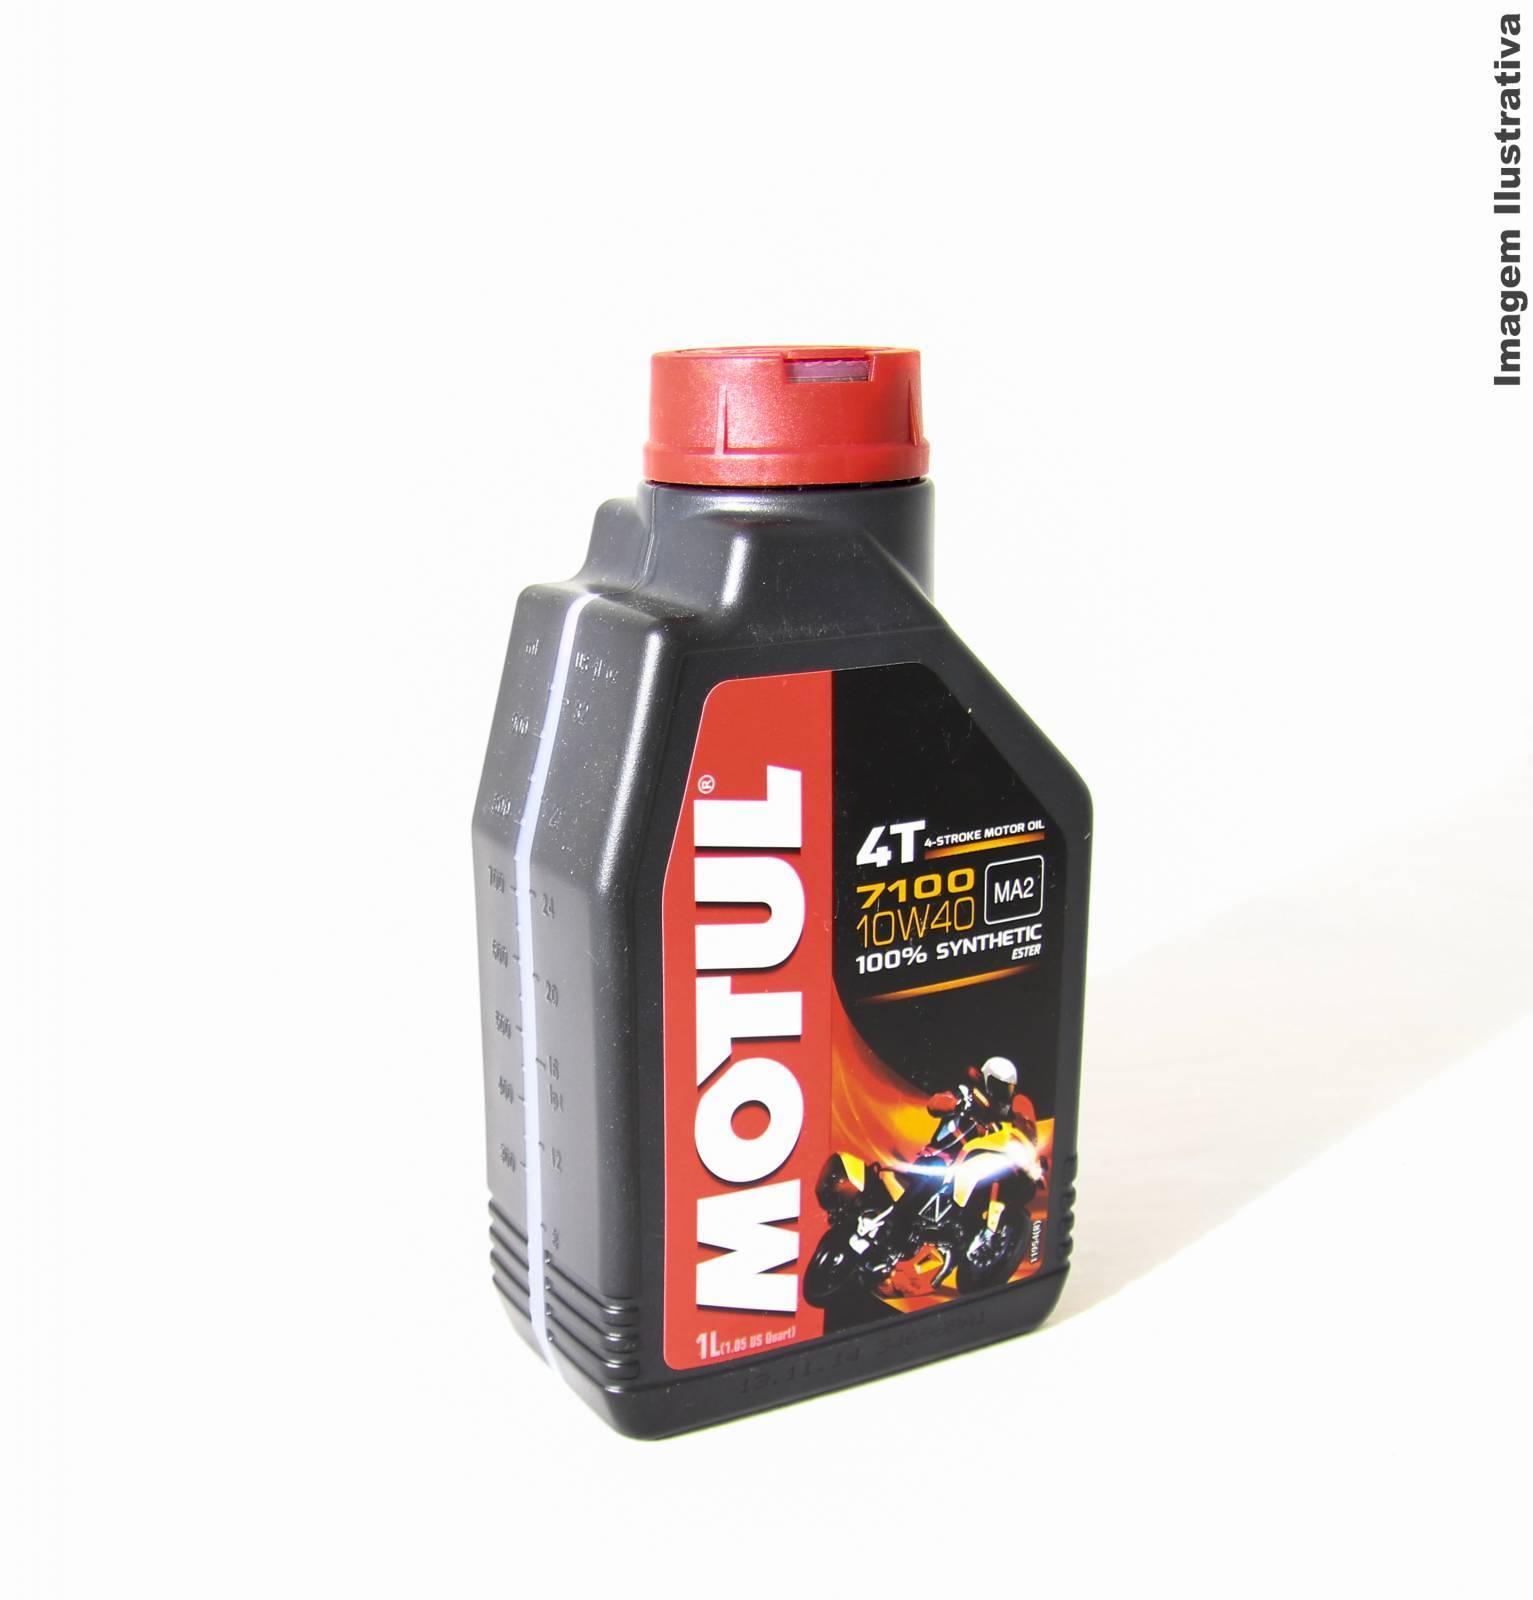 Oleo para motor Motul 7100 - 10W40 | 1 litro | DUB Store